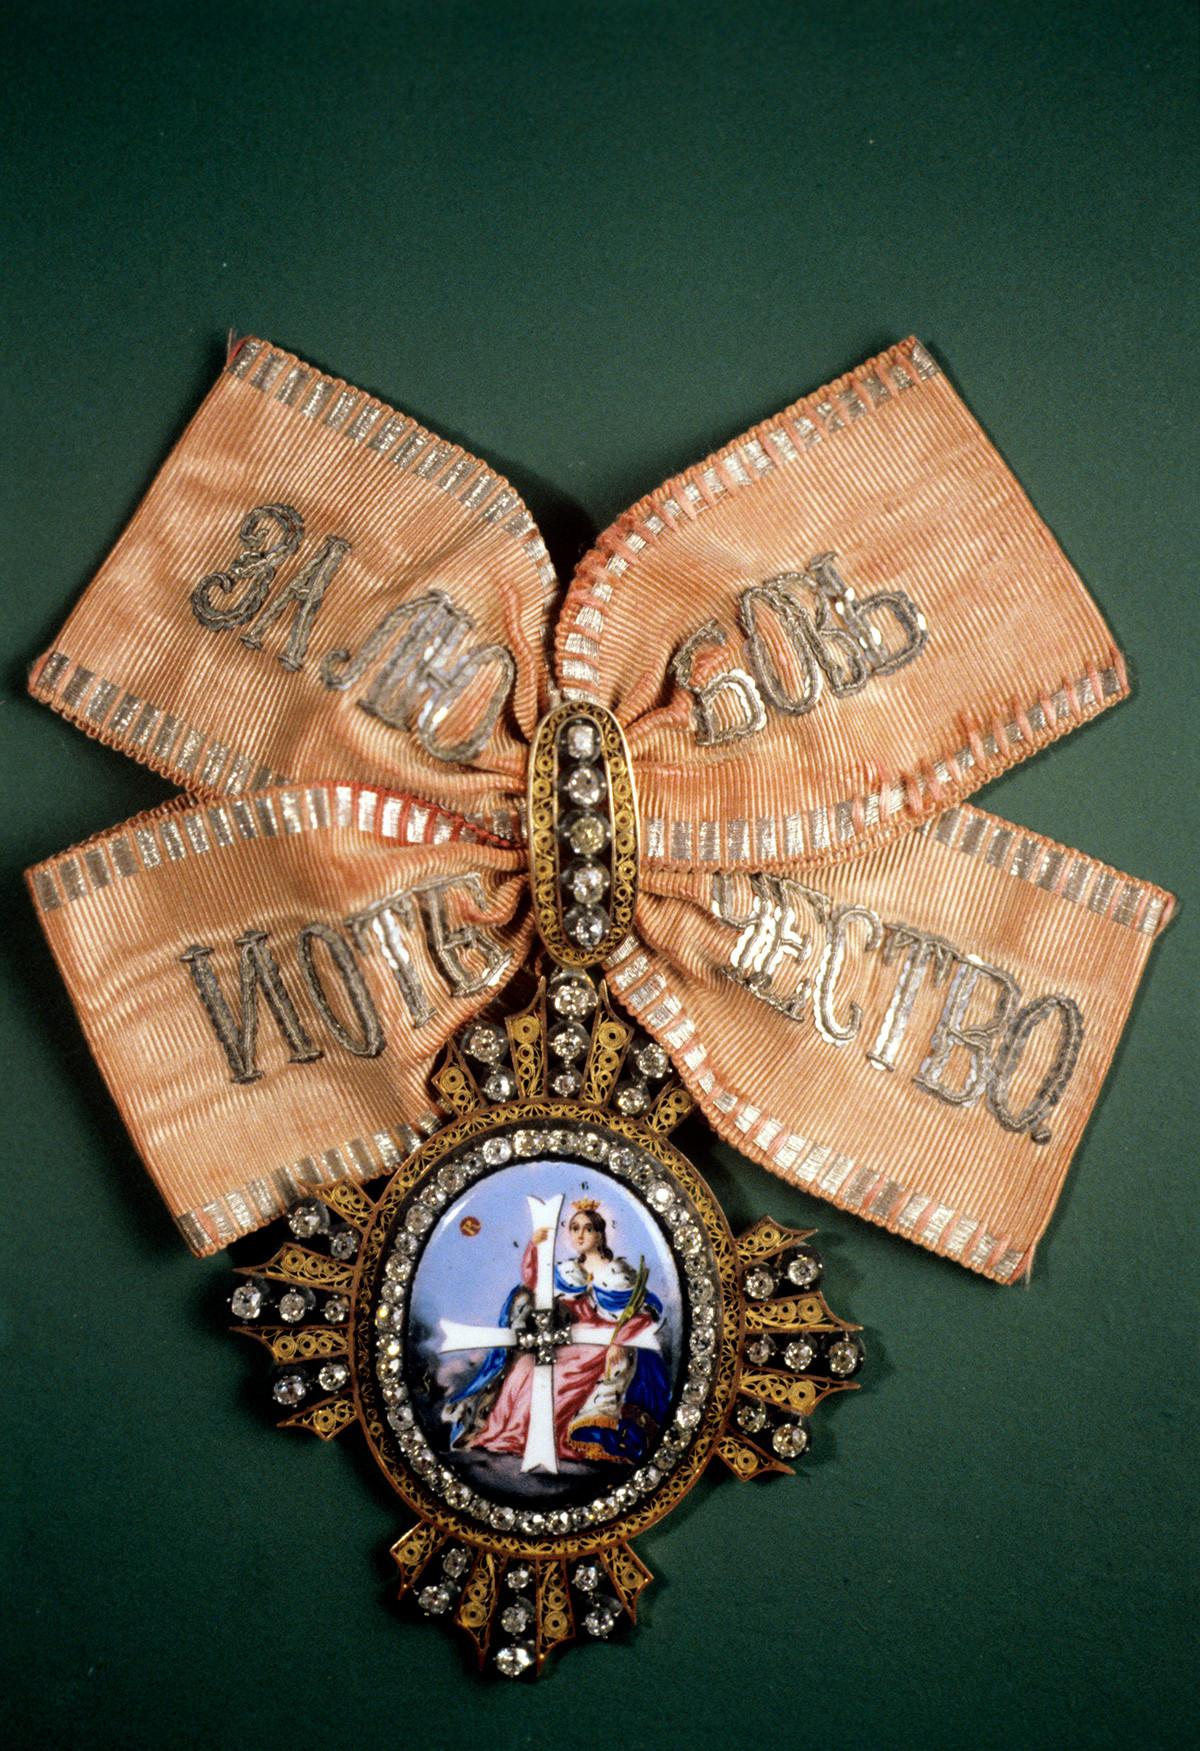 聖エカテリーナ勲章の記章